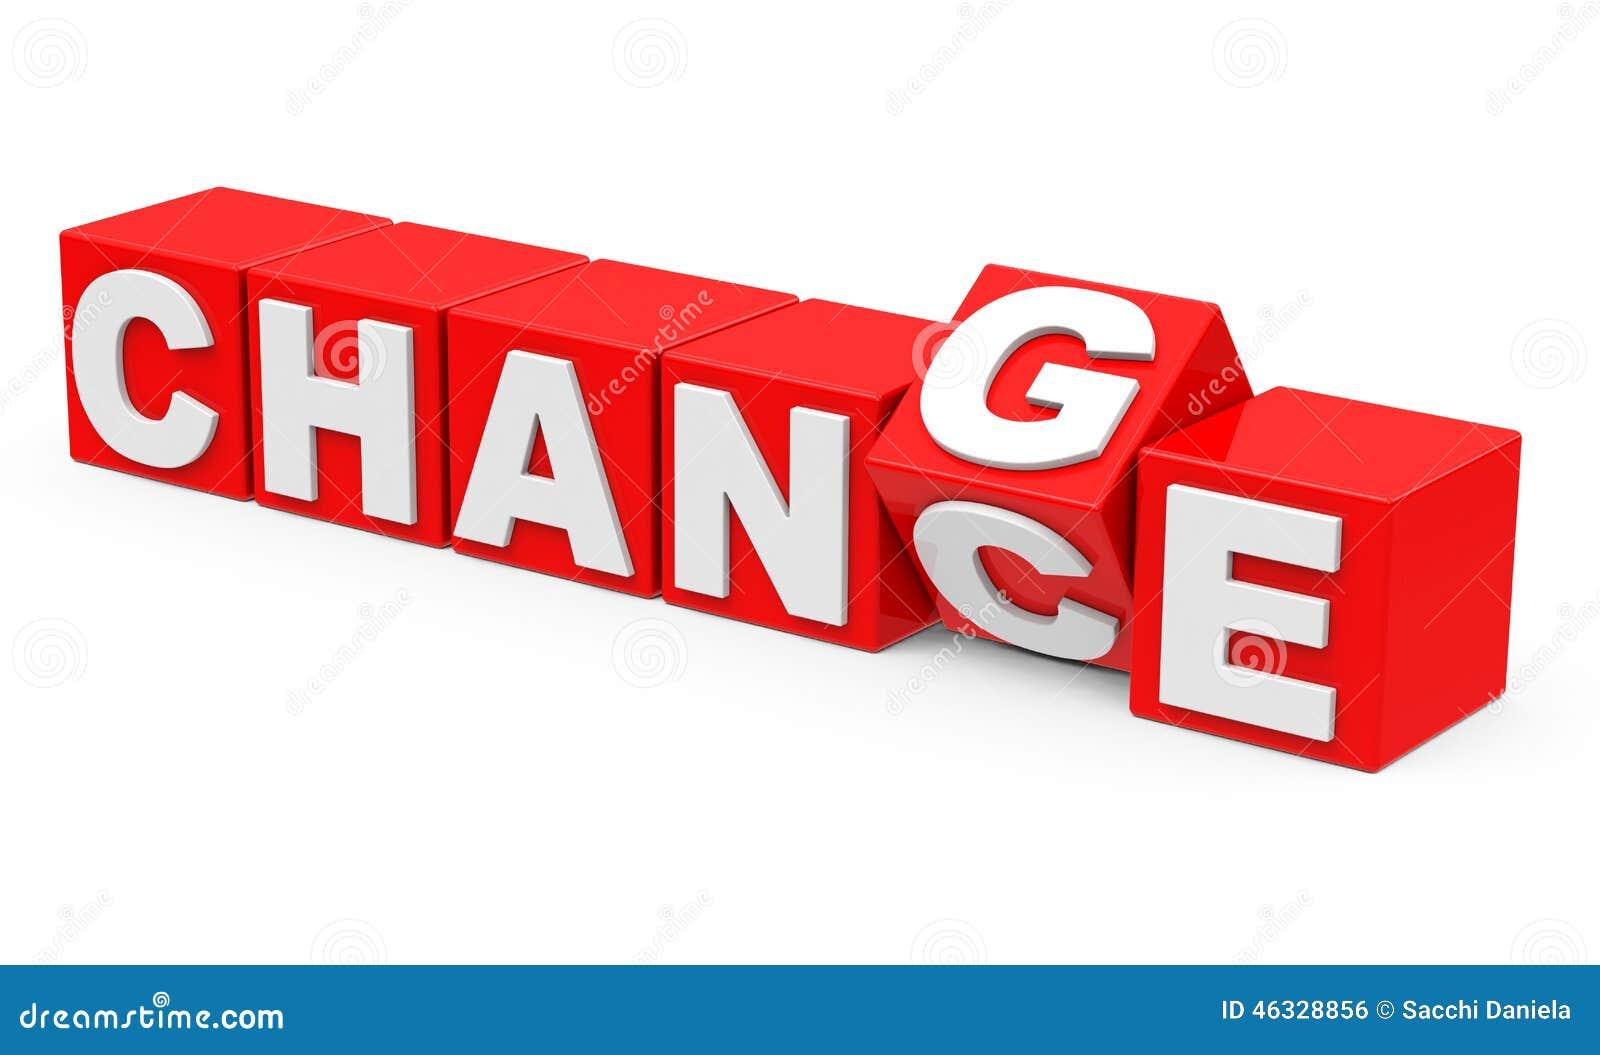 chance free